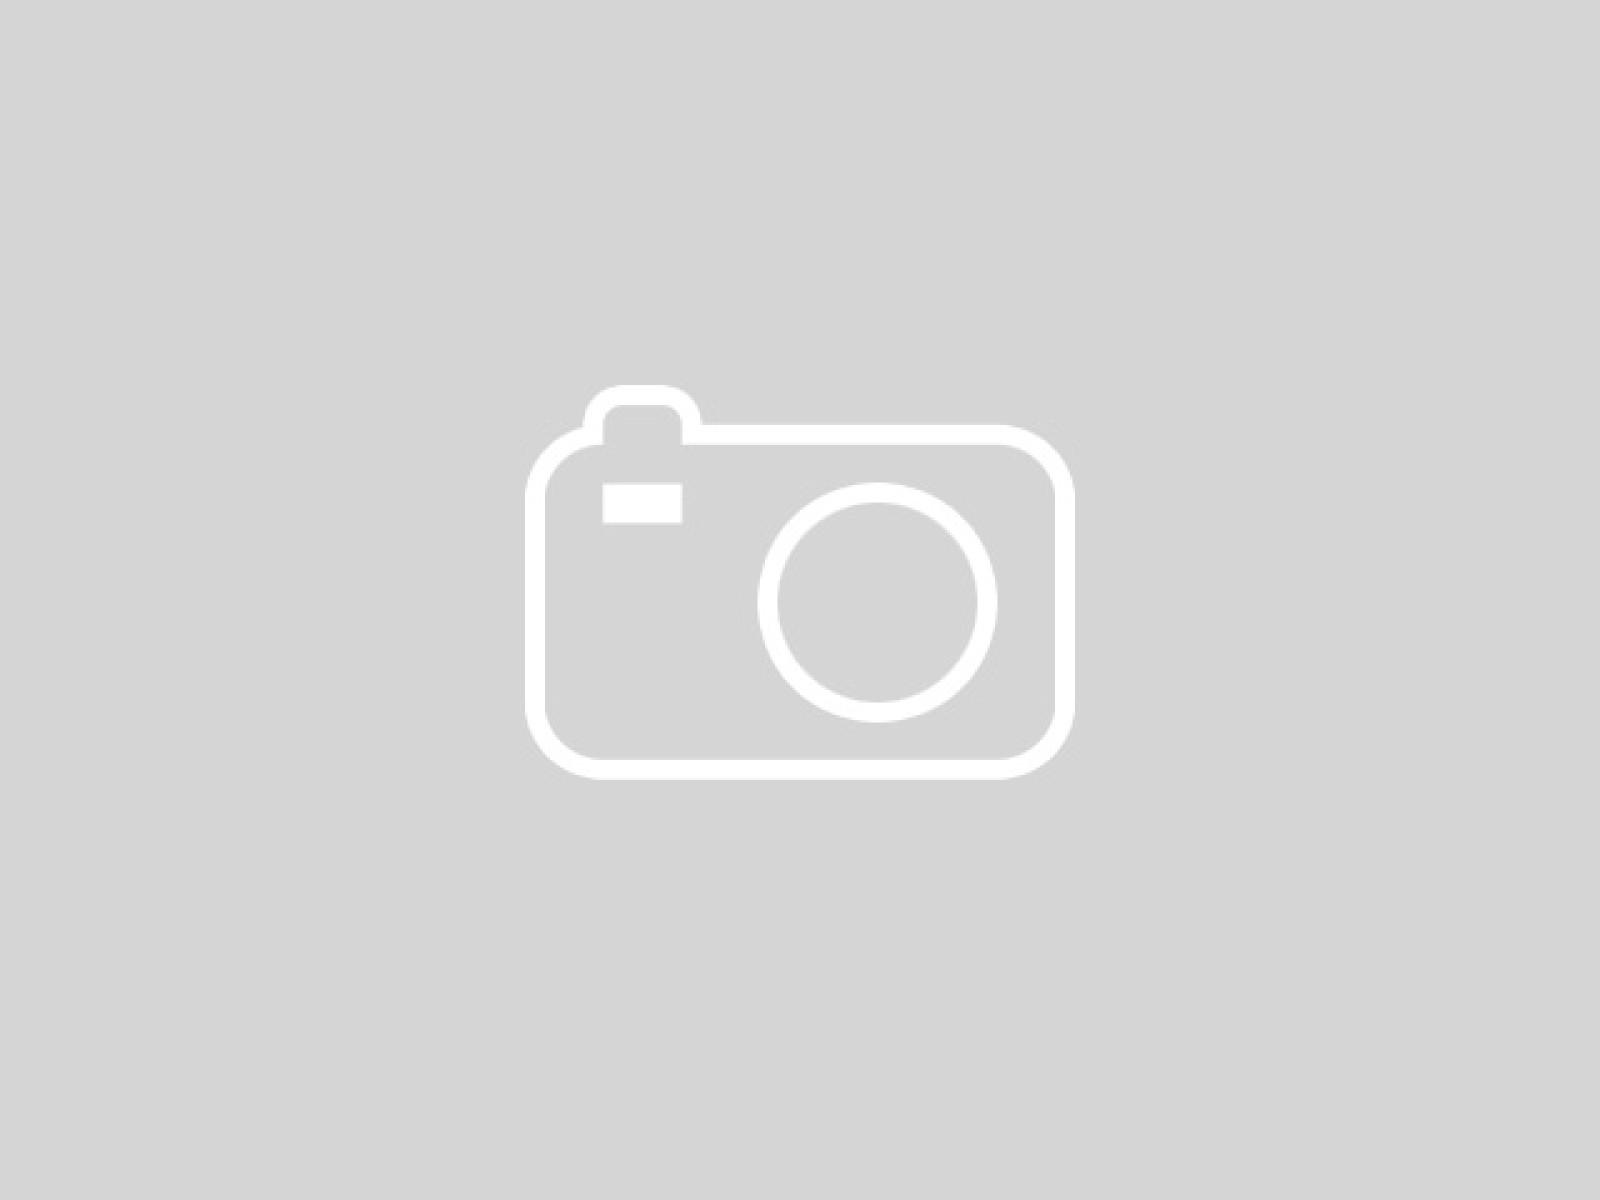 New 2021 Hyundai Kona 1.6T Trend AWD w/Two-Tone Roof